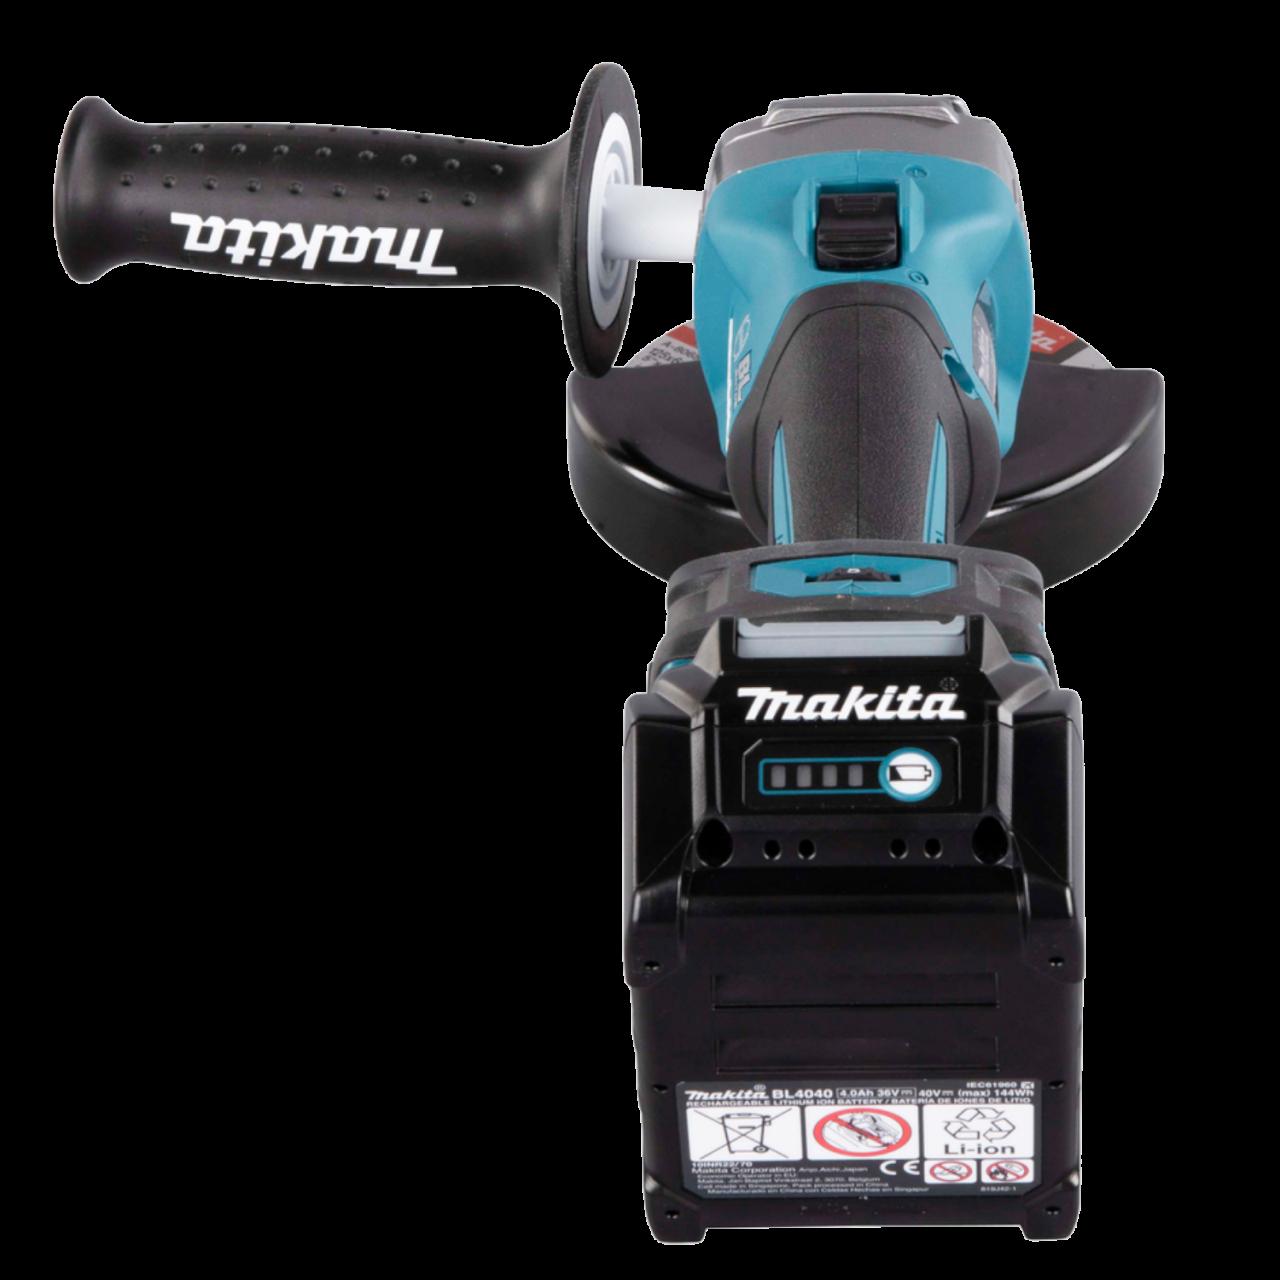 Makita GA023GM201 Akku-Winkelschleifer XGT im MAKPAC Gr. 4, 40V max., 125 mm, 3.000-8.500 min-1